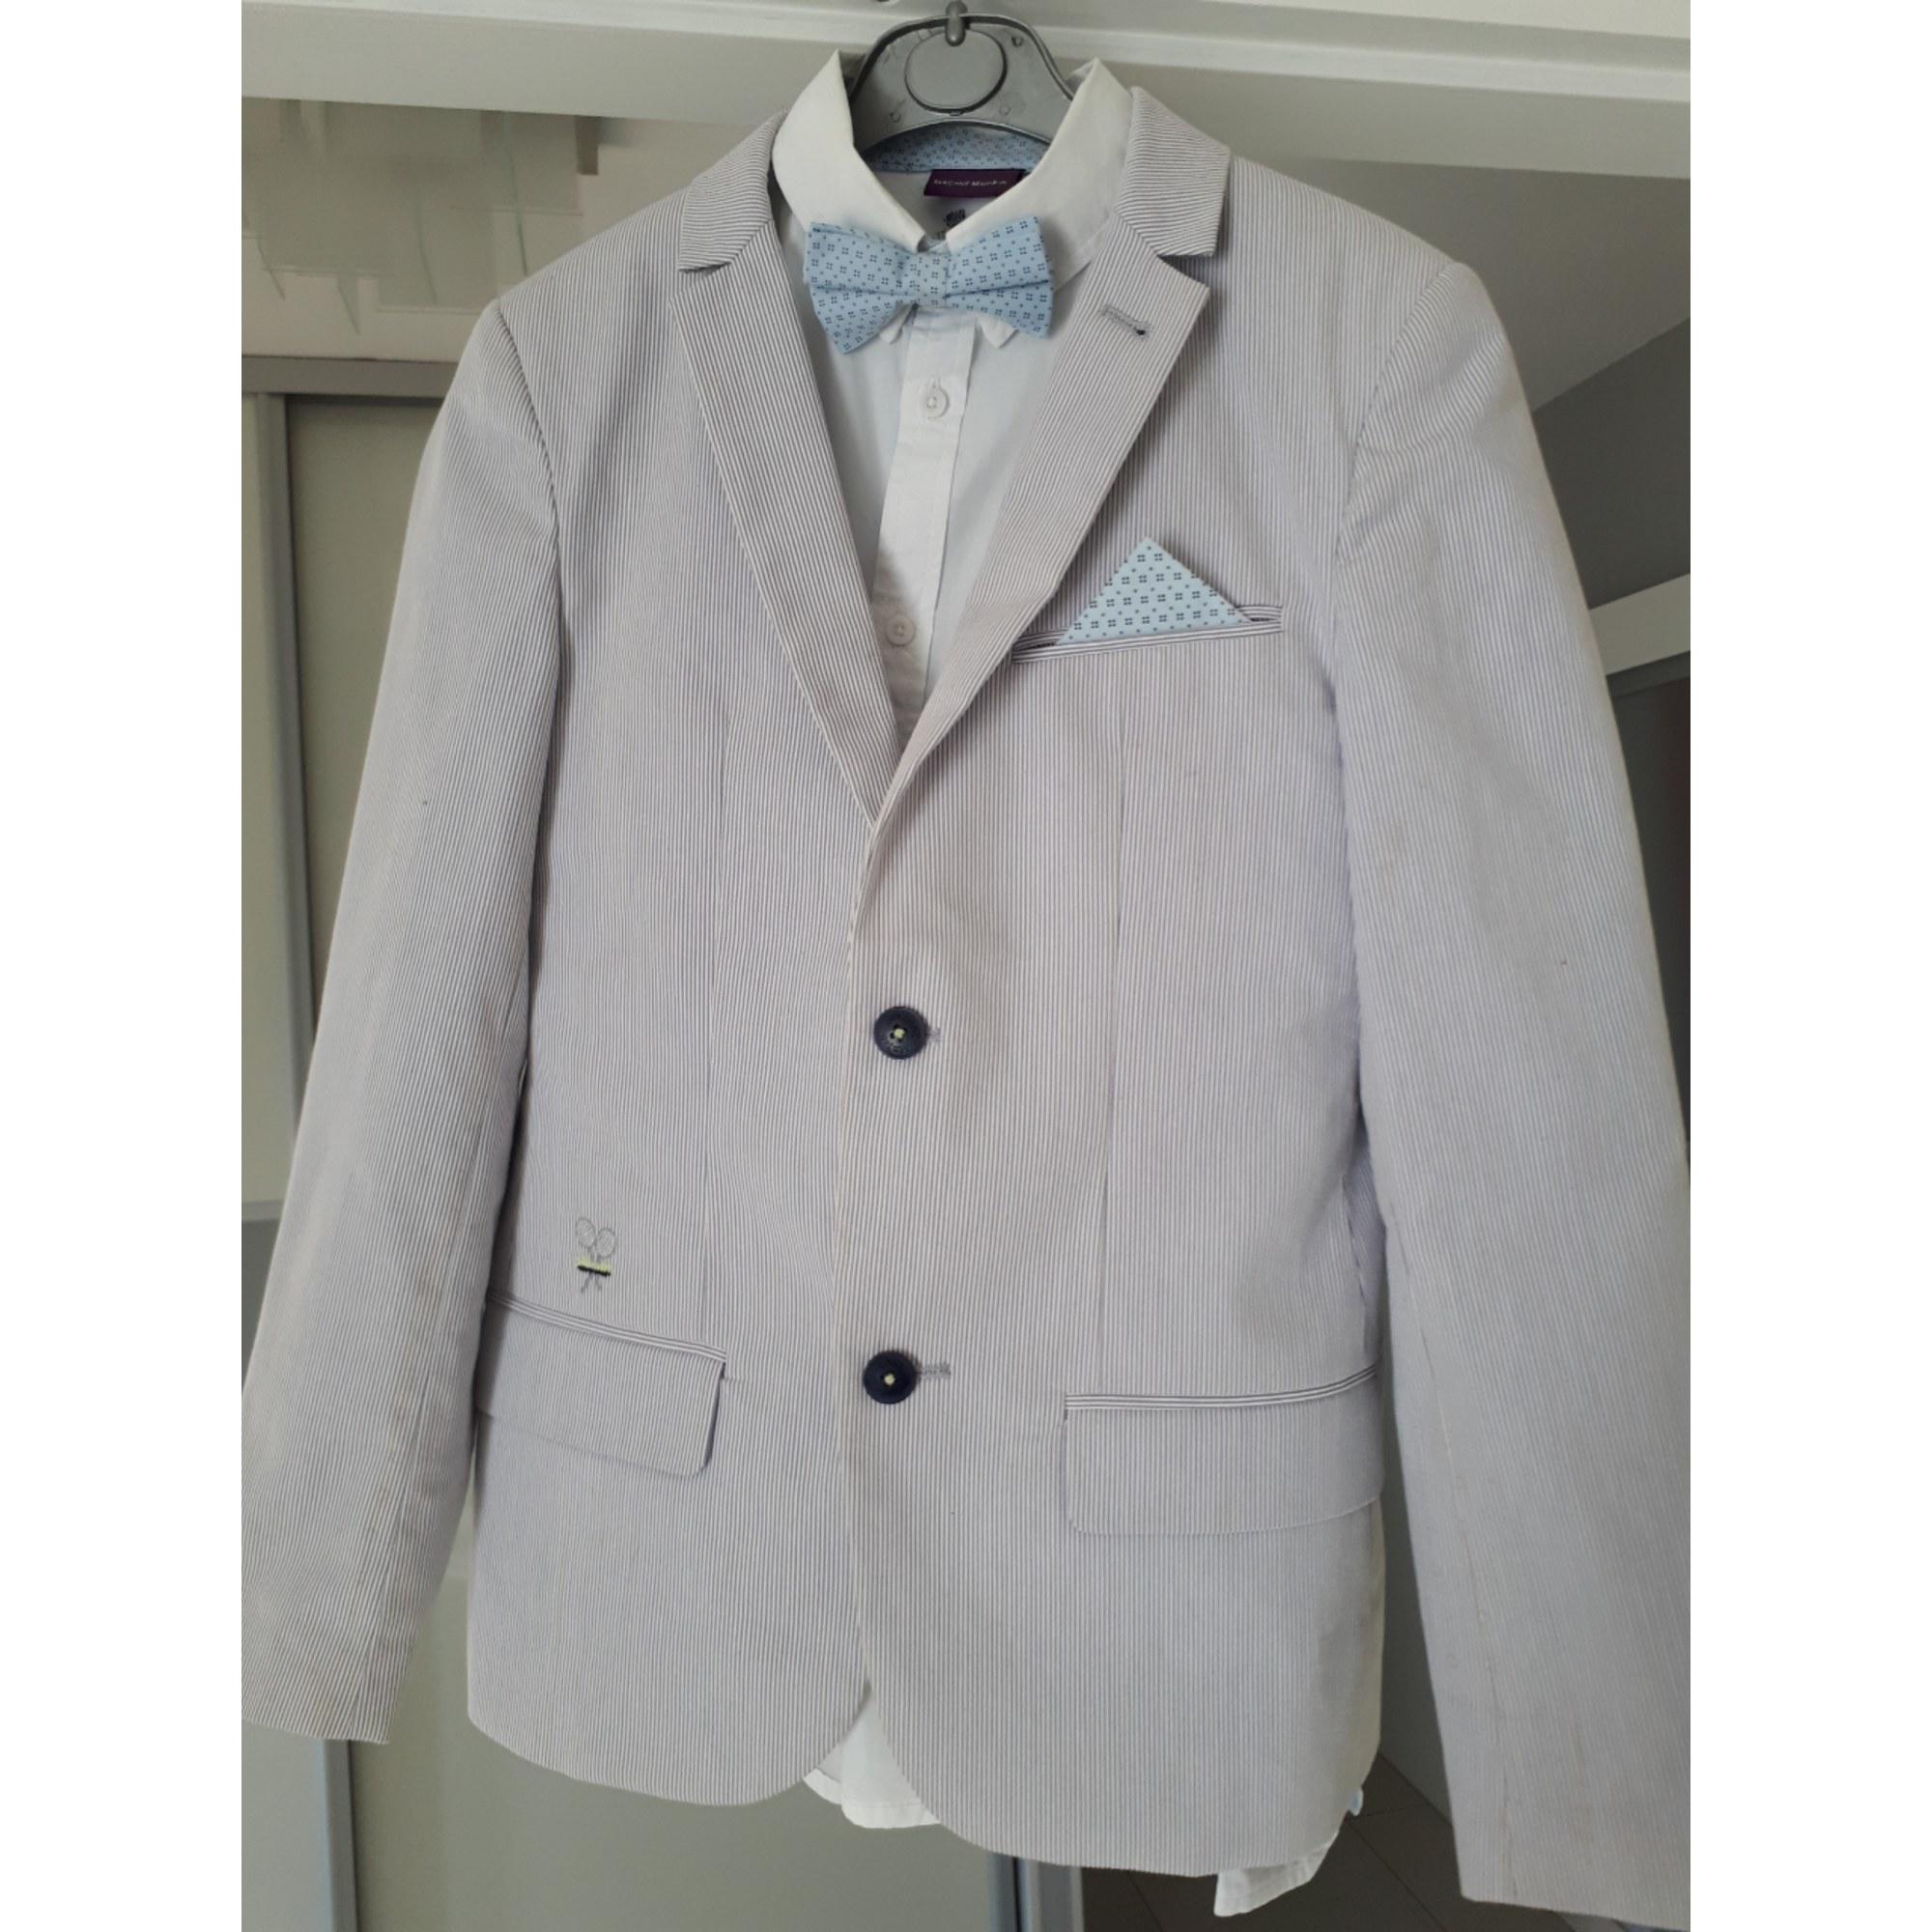 e8ecb421ce82f Veste de costume SERGENT MAJOR 13-14 ans bleu et blanc - 8242813